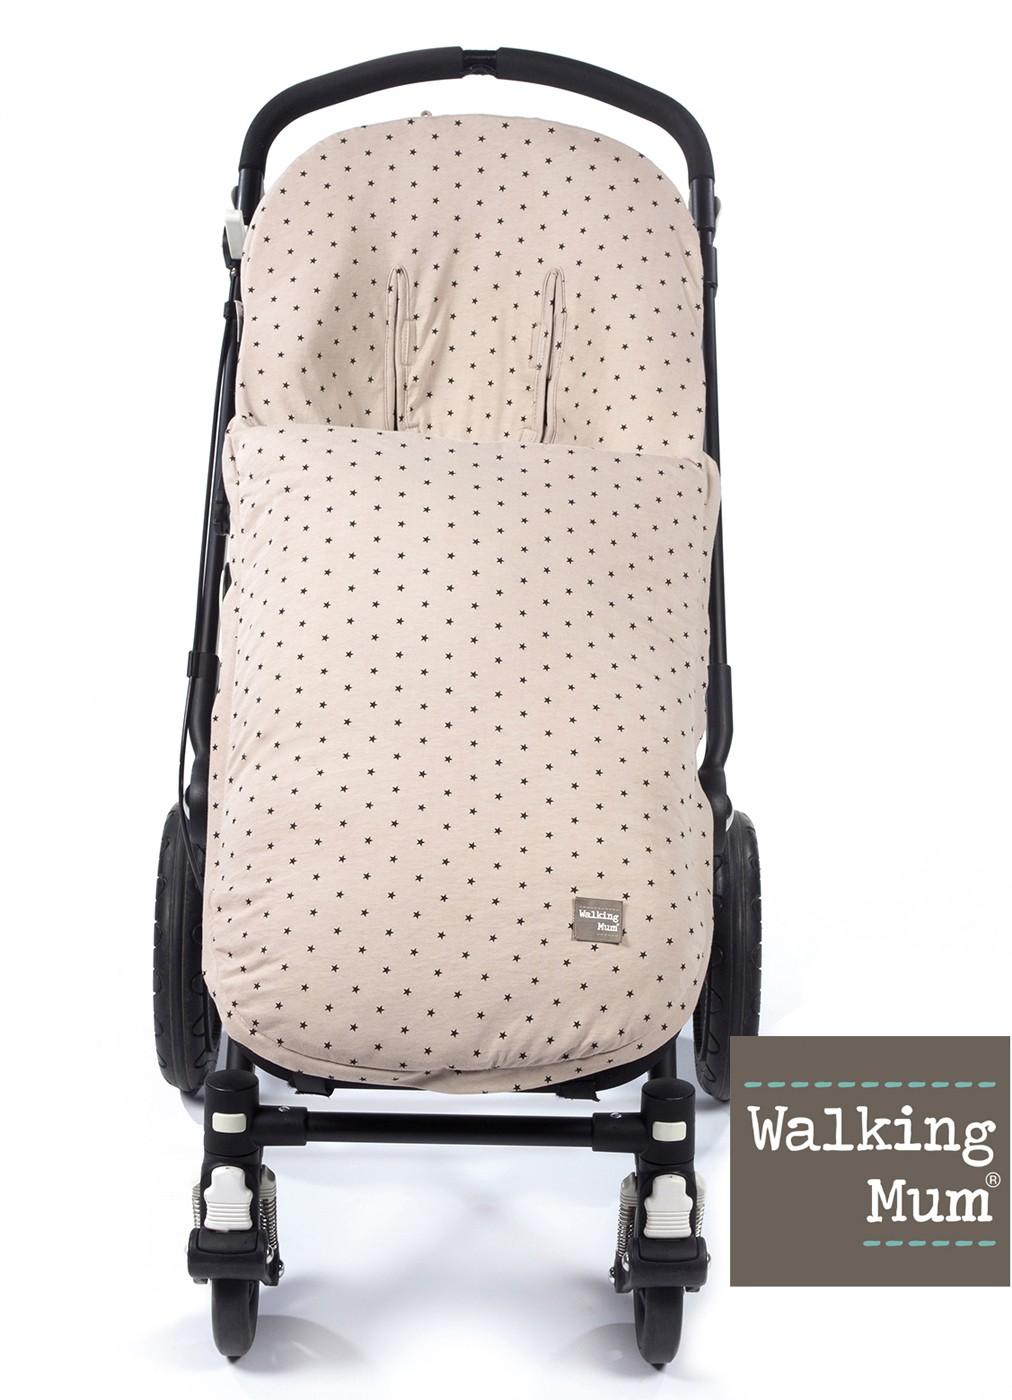 Sacco Passeggino Gaby Walking Mum Beige